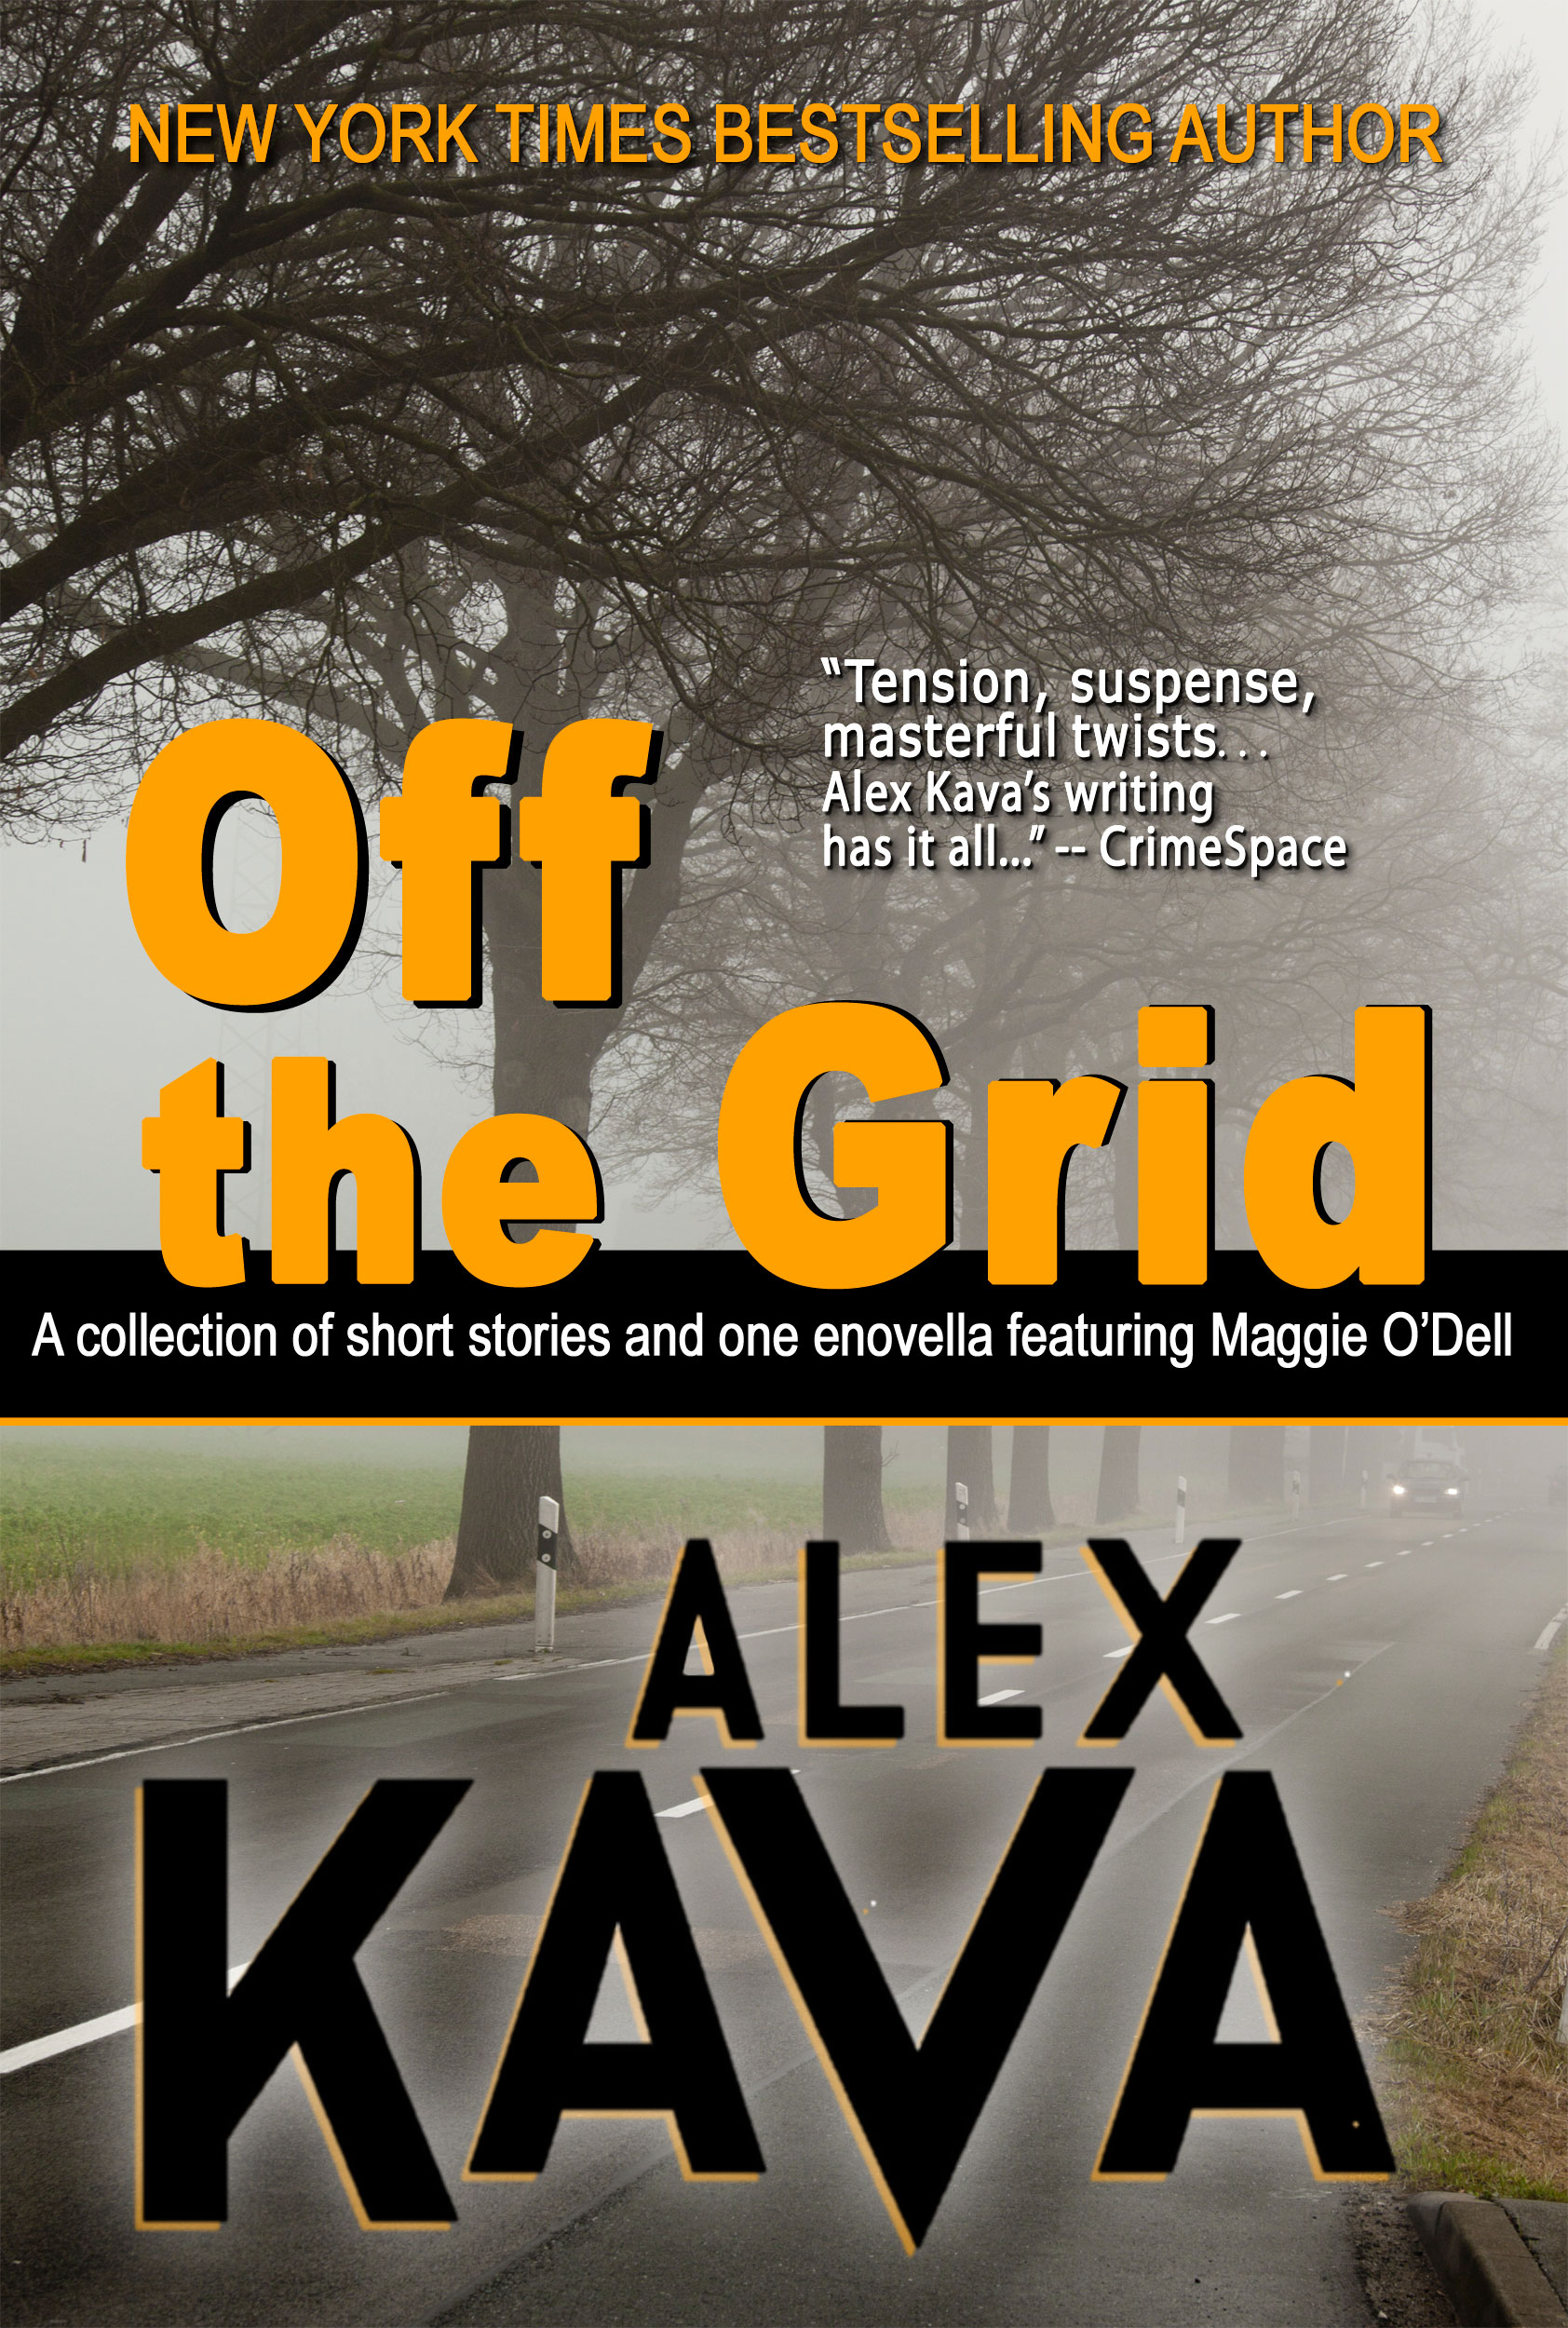 Off the Grid | Maggie O'Dell | Alex Kava